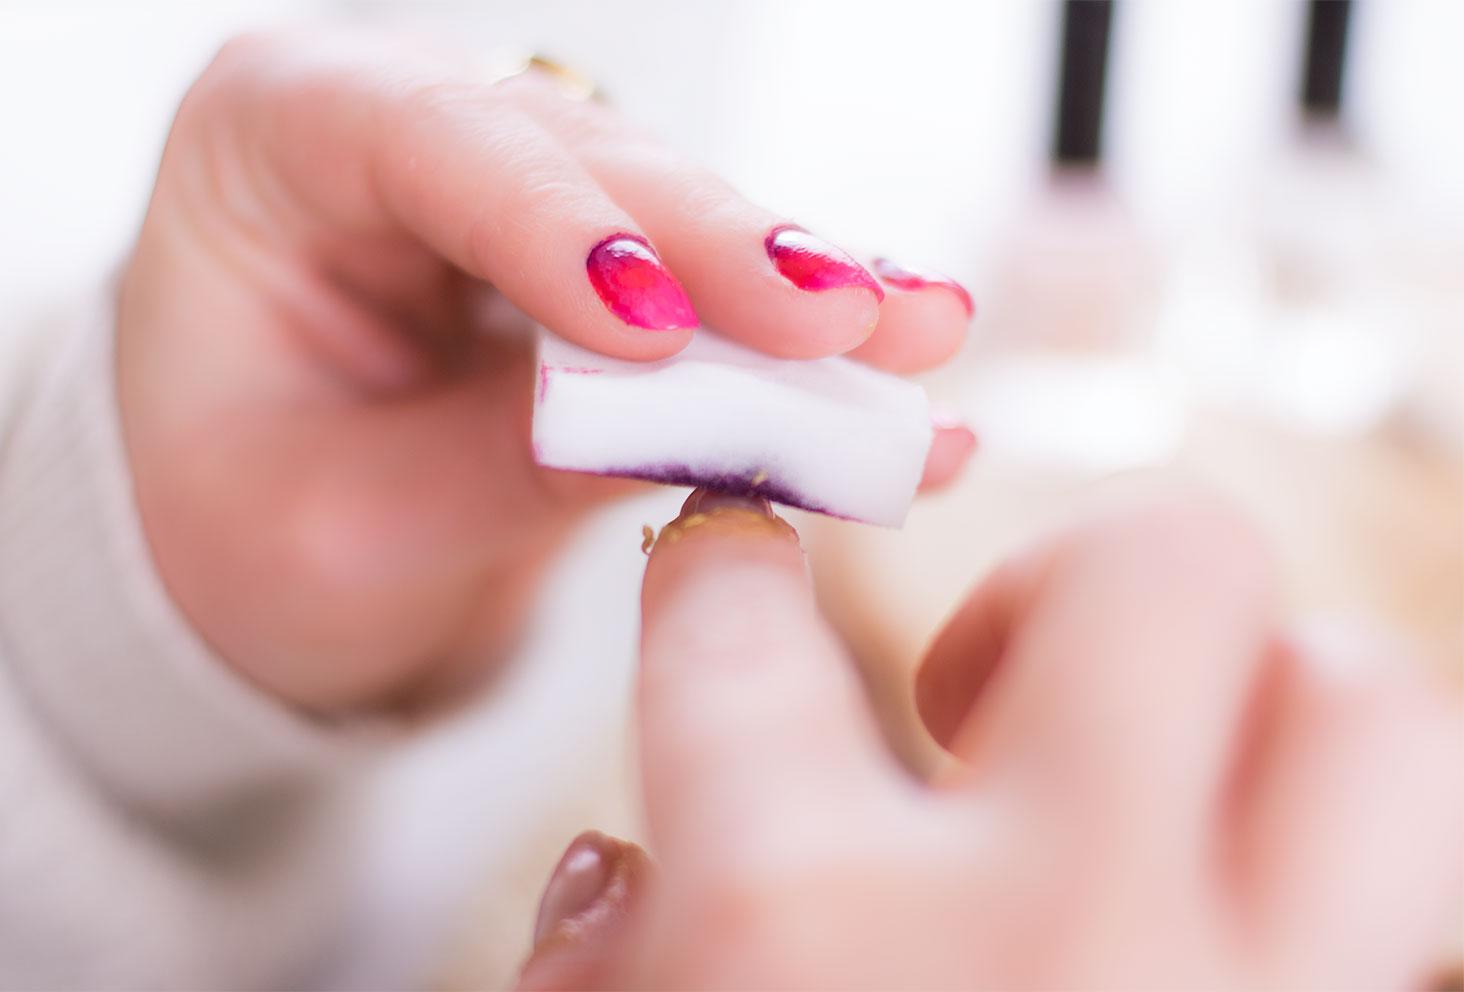 Tamponnage de l'éponge sur l'ongle pour création du nail art dégradé